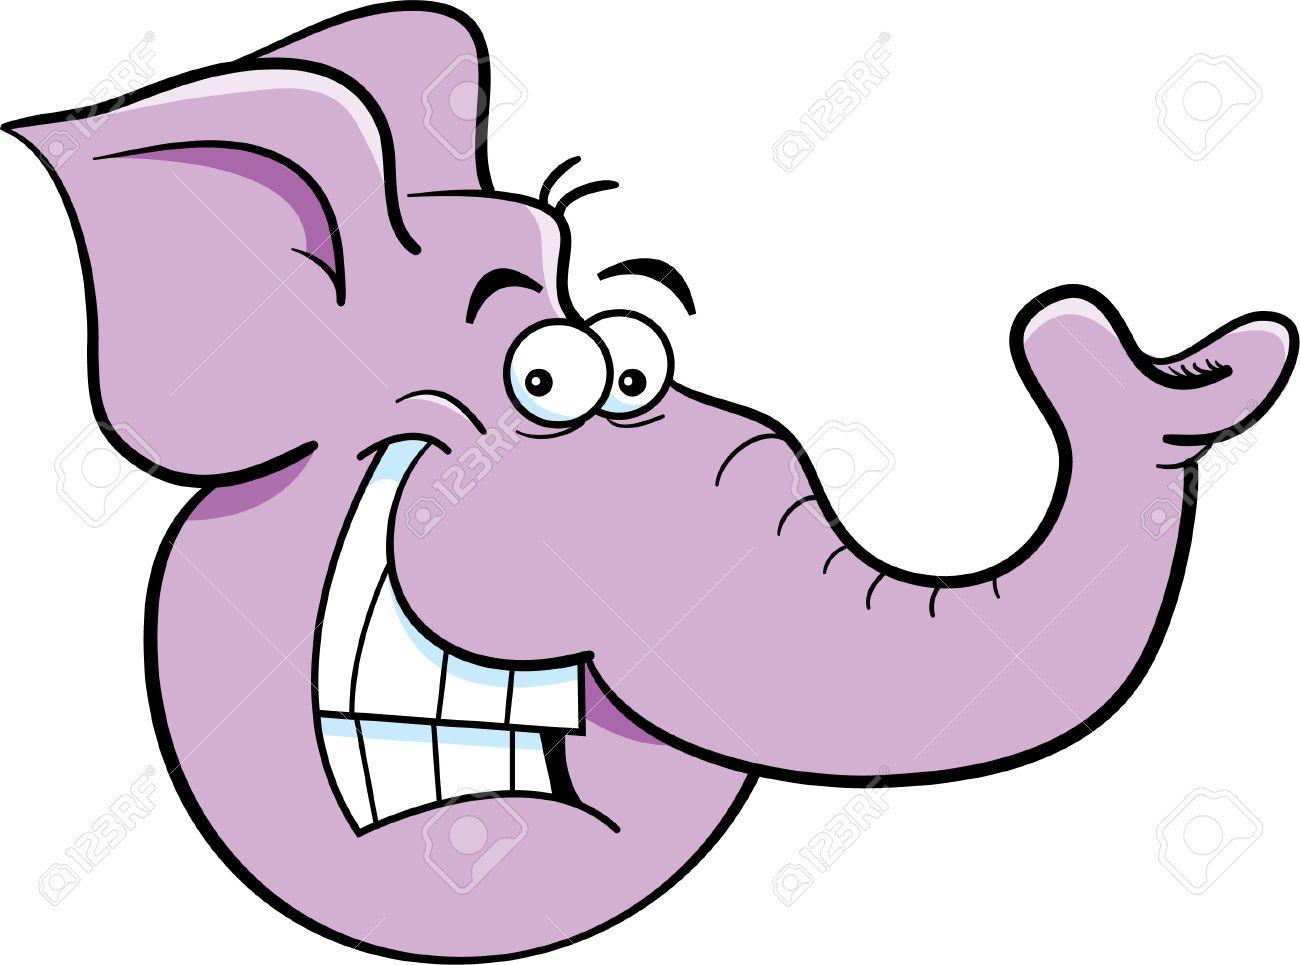 cartoon illustration of an elephant head royalty free cliparts rh 123rf com Elephant Face Cartoon cartoon elephant head outline